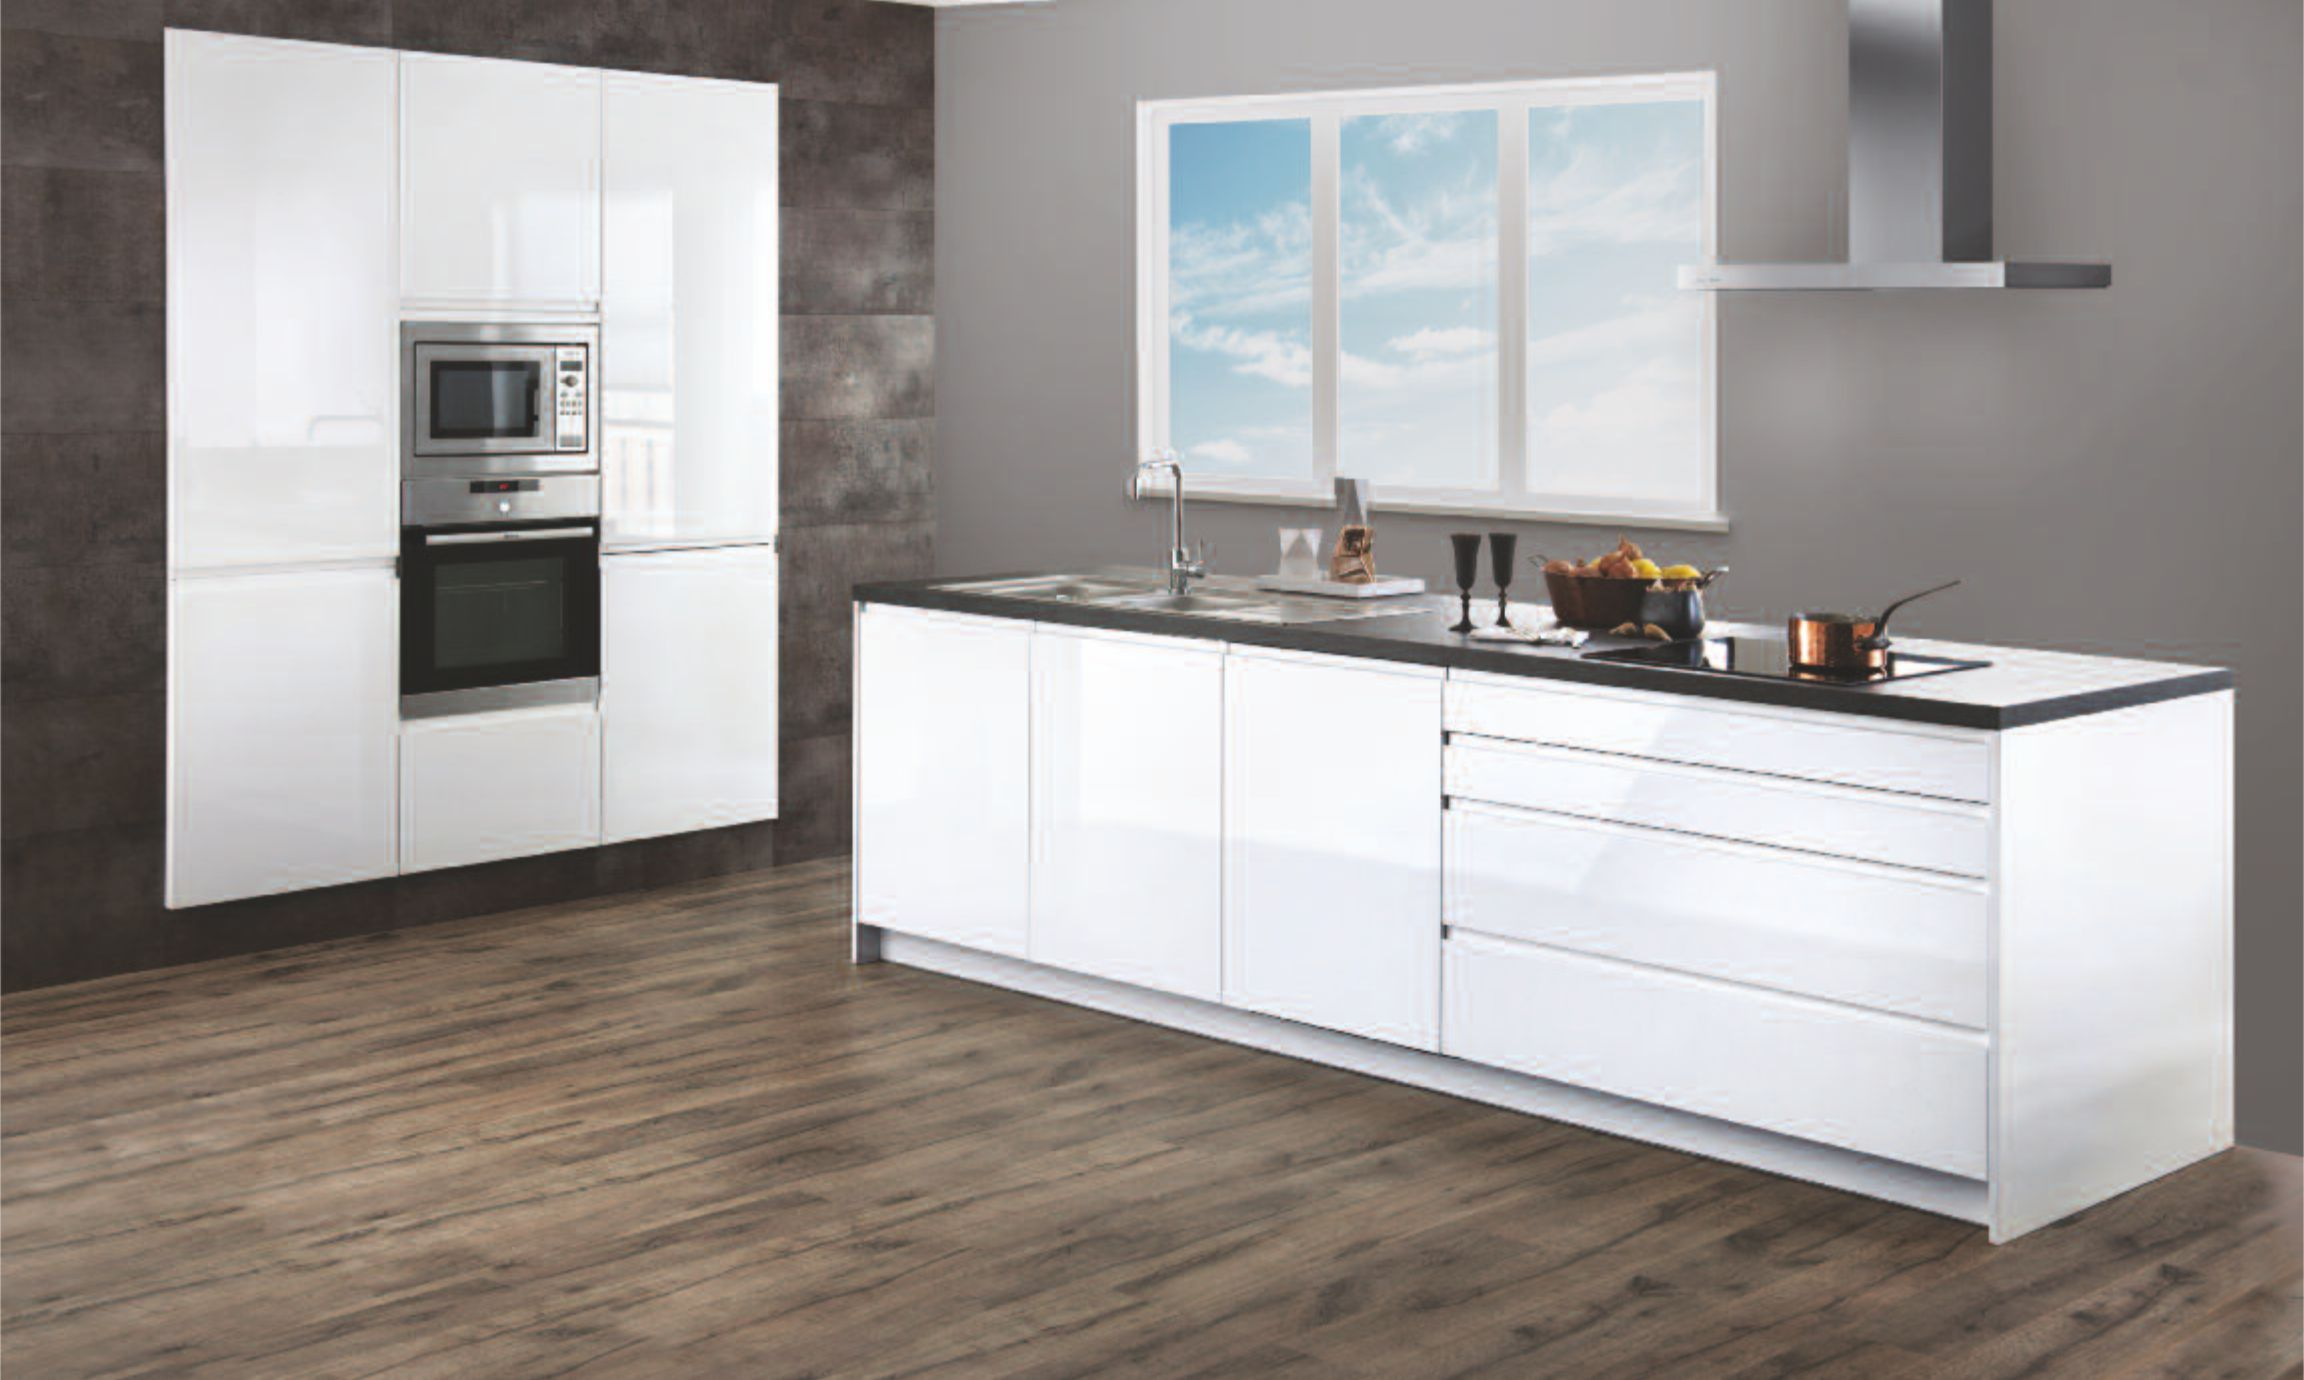 Hoogglans Witte Keuken : Witte keukens hoogglans of mat keukenconcurrent